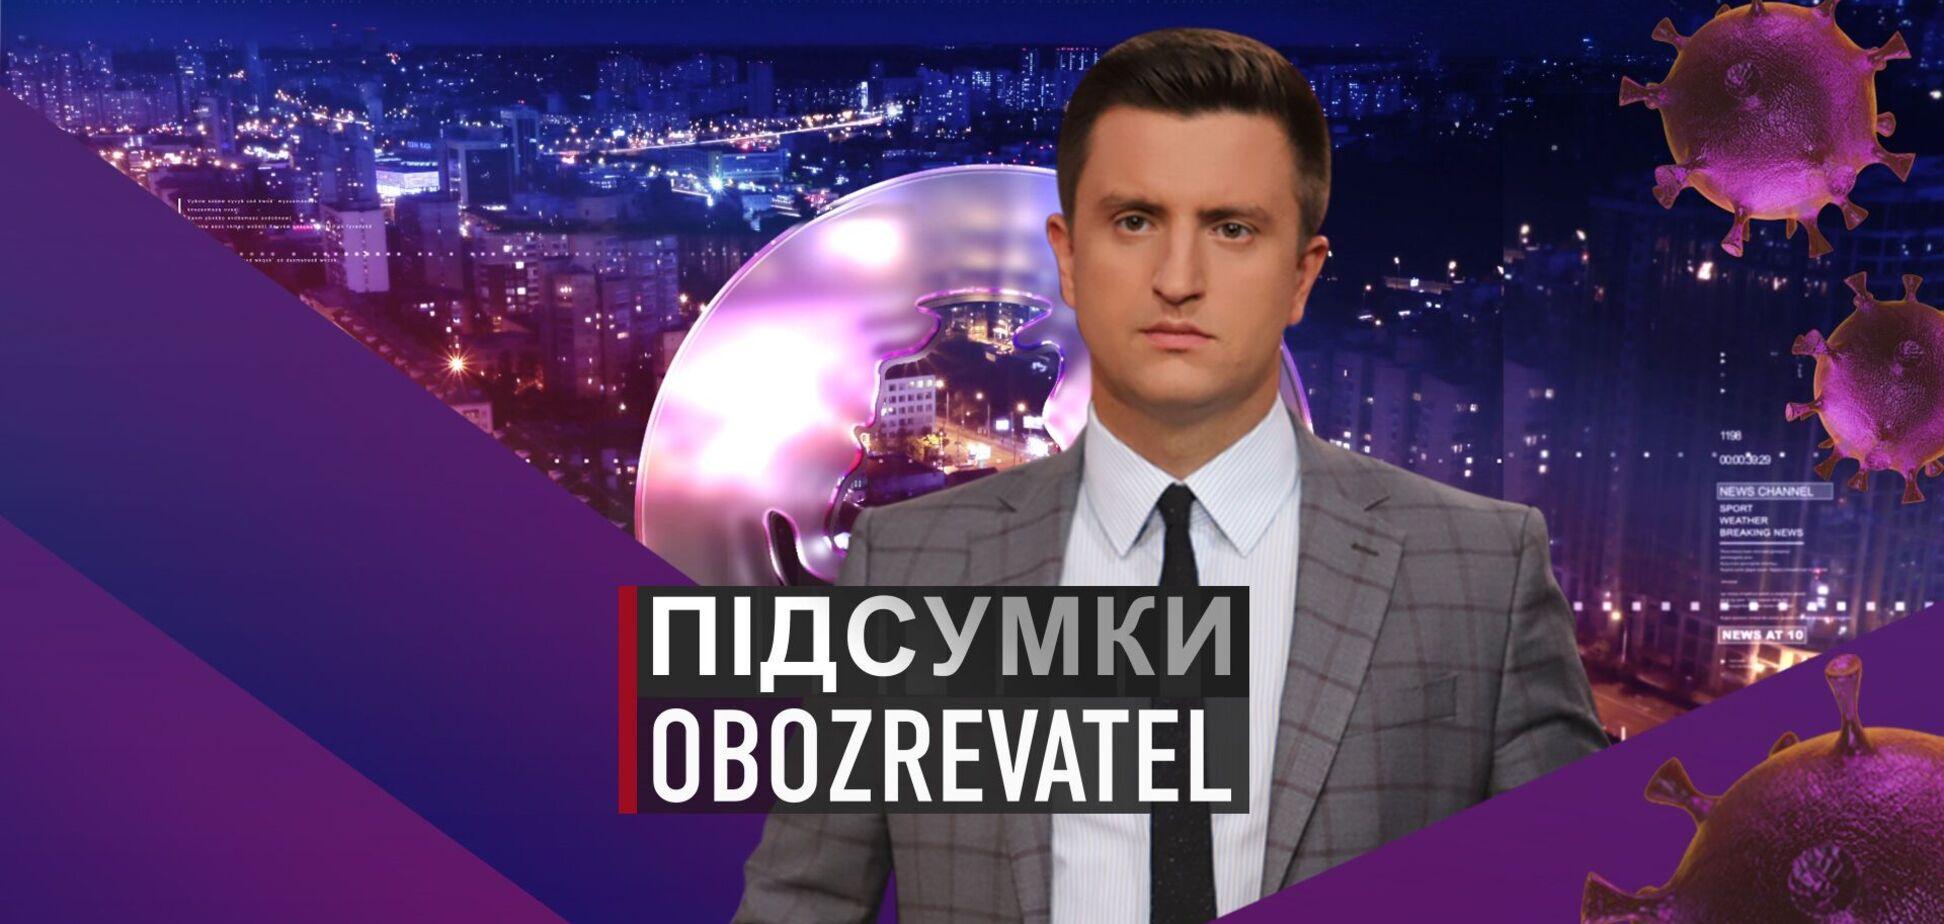 Підсумки з Вадимом Колодійчуком. Вівторок, 8 червня